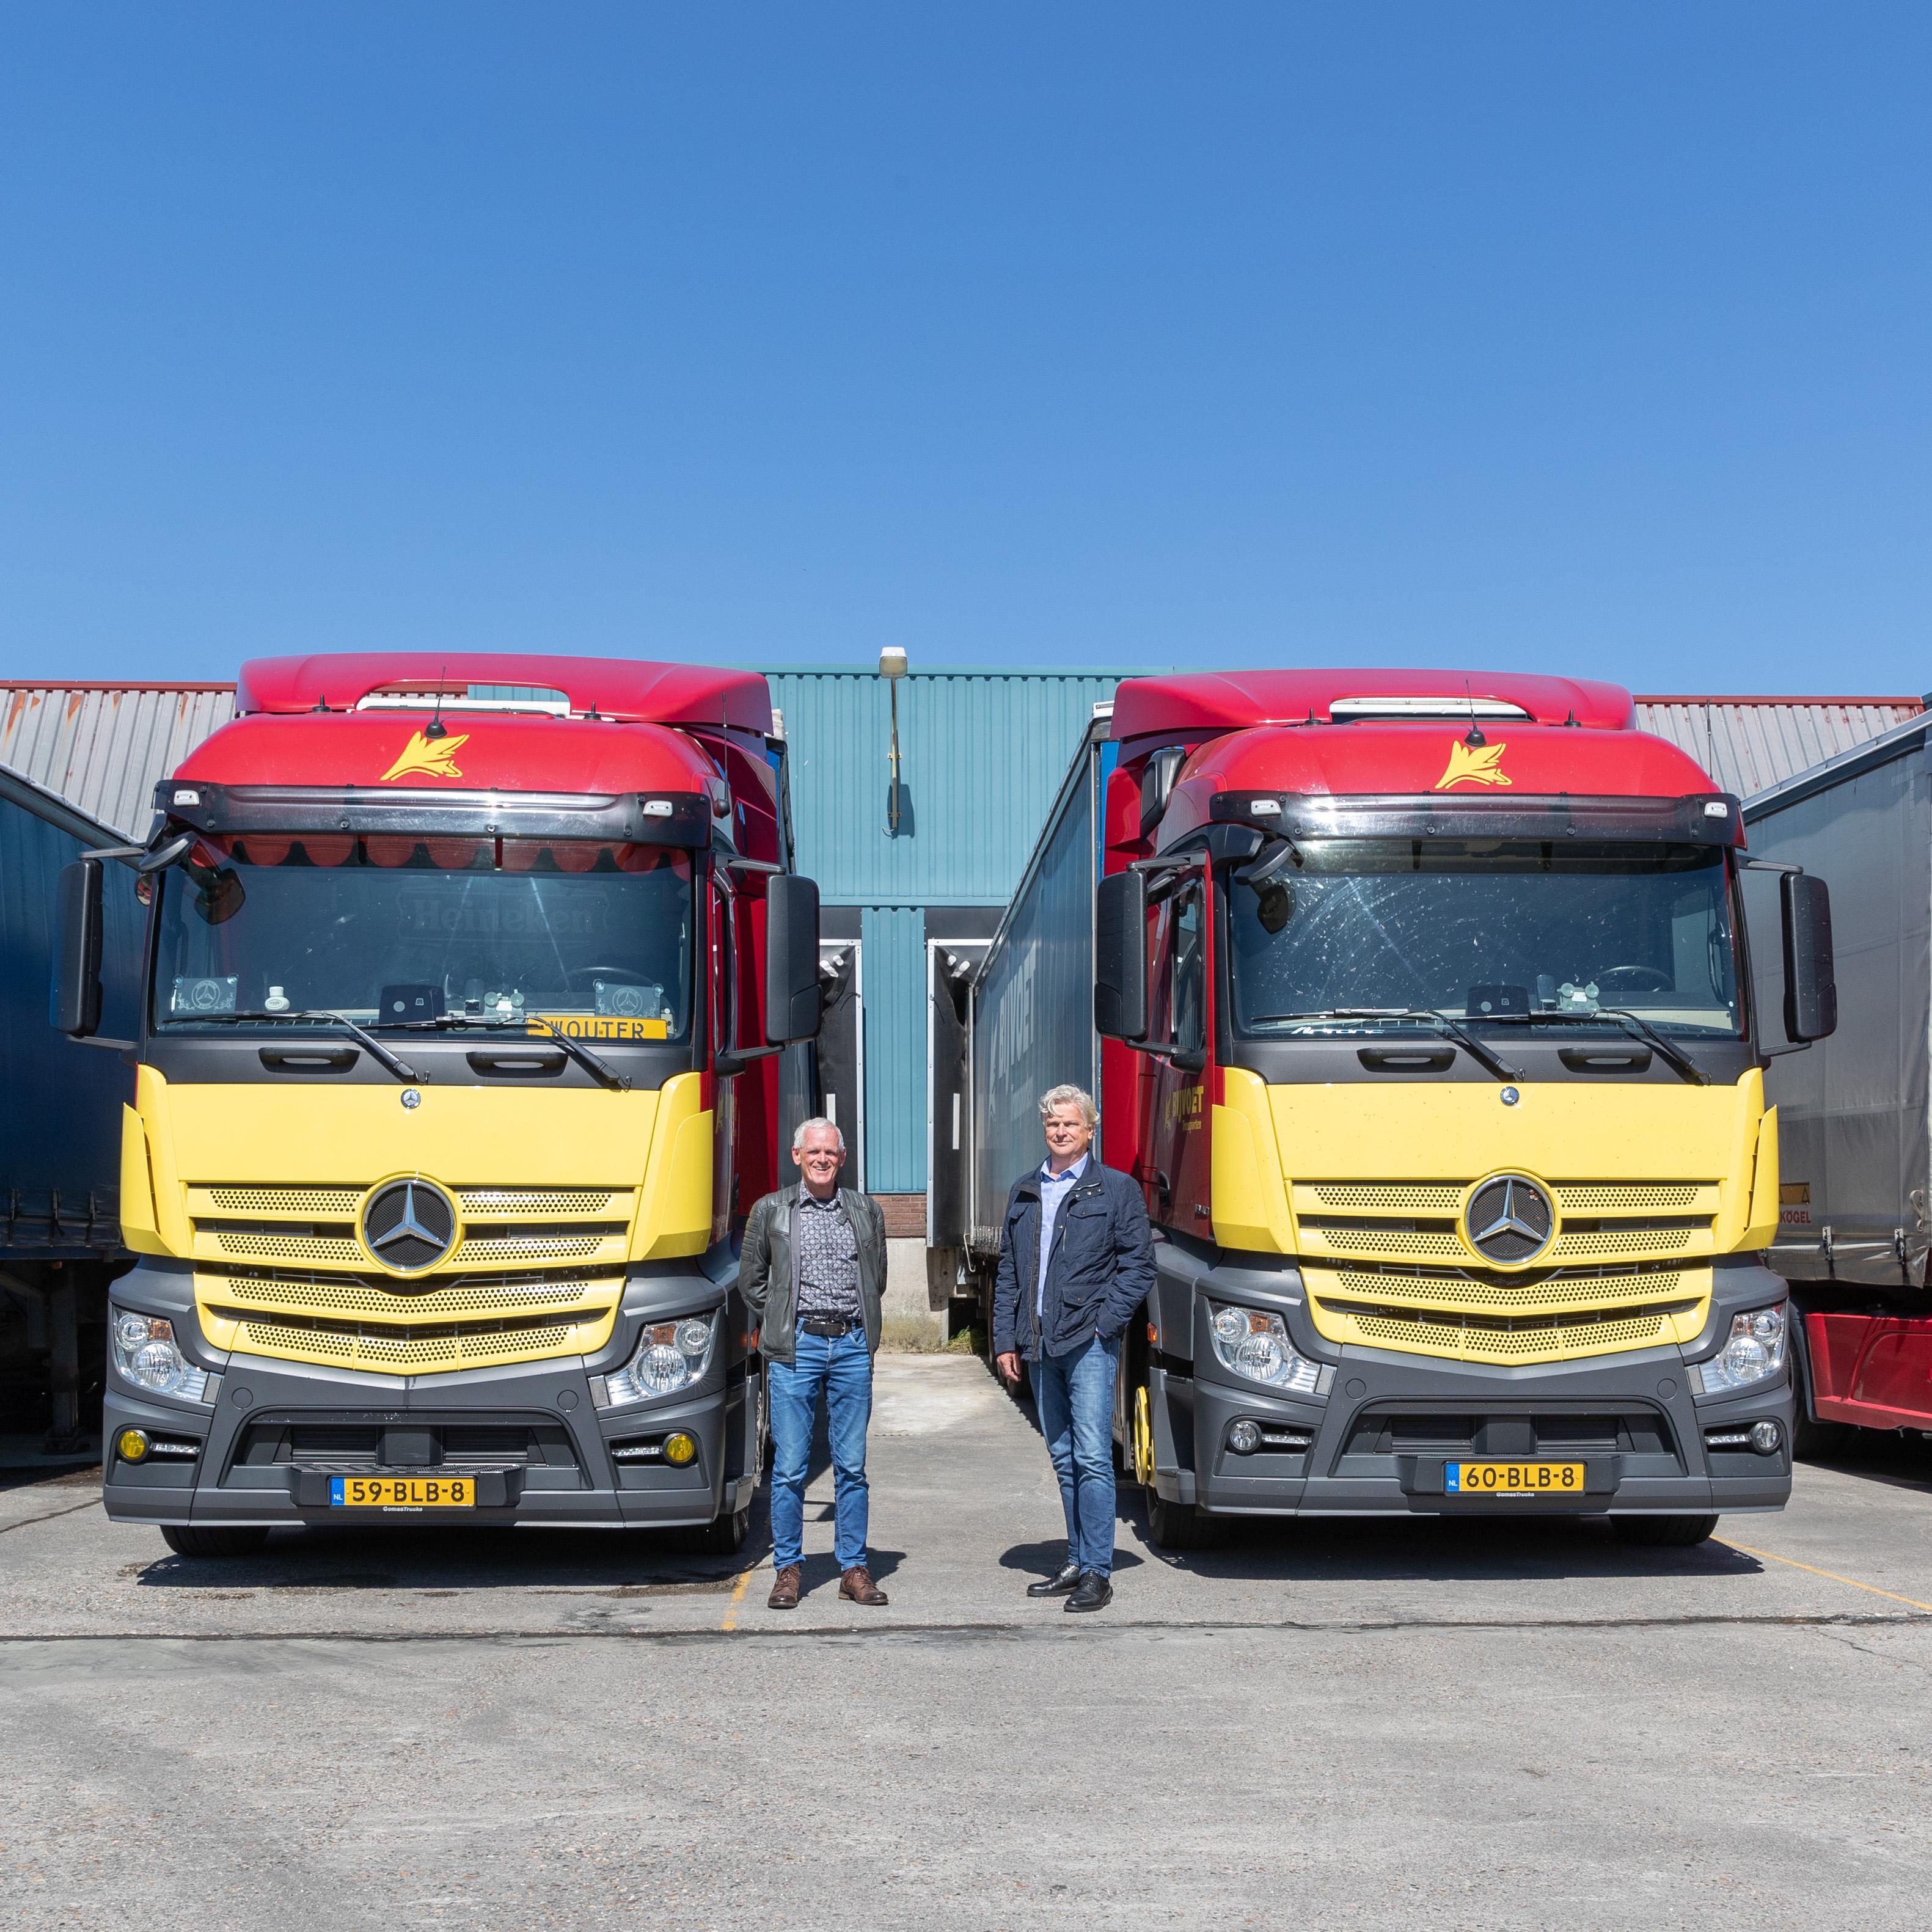 Transportbedrijf Bijvoet Obdam overgenomen door Van Straalen en De Vries uit Zwaagdijk-Oost